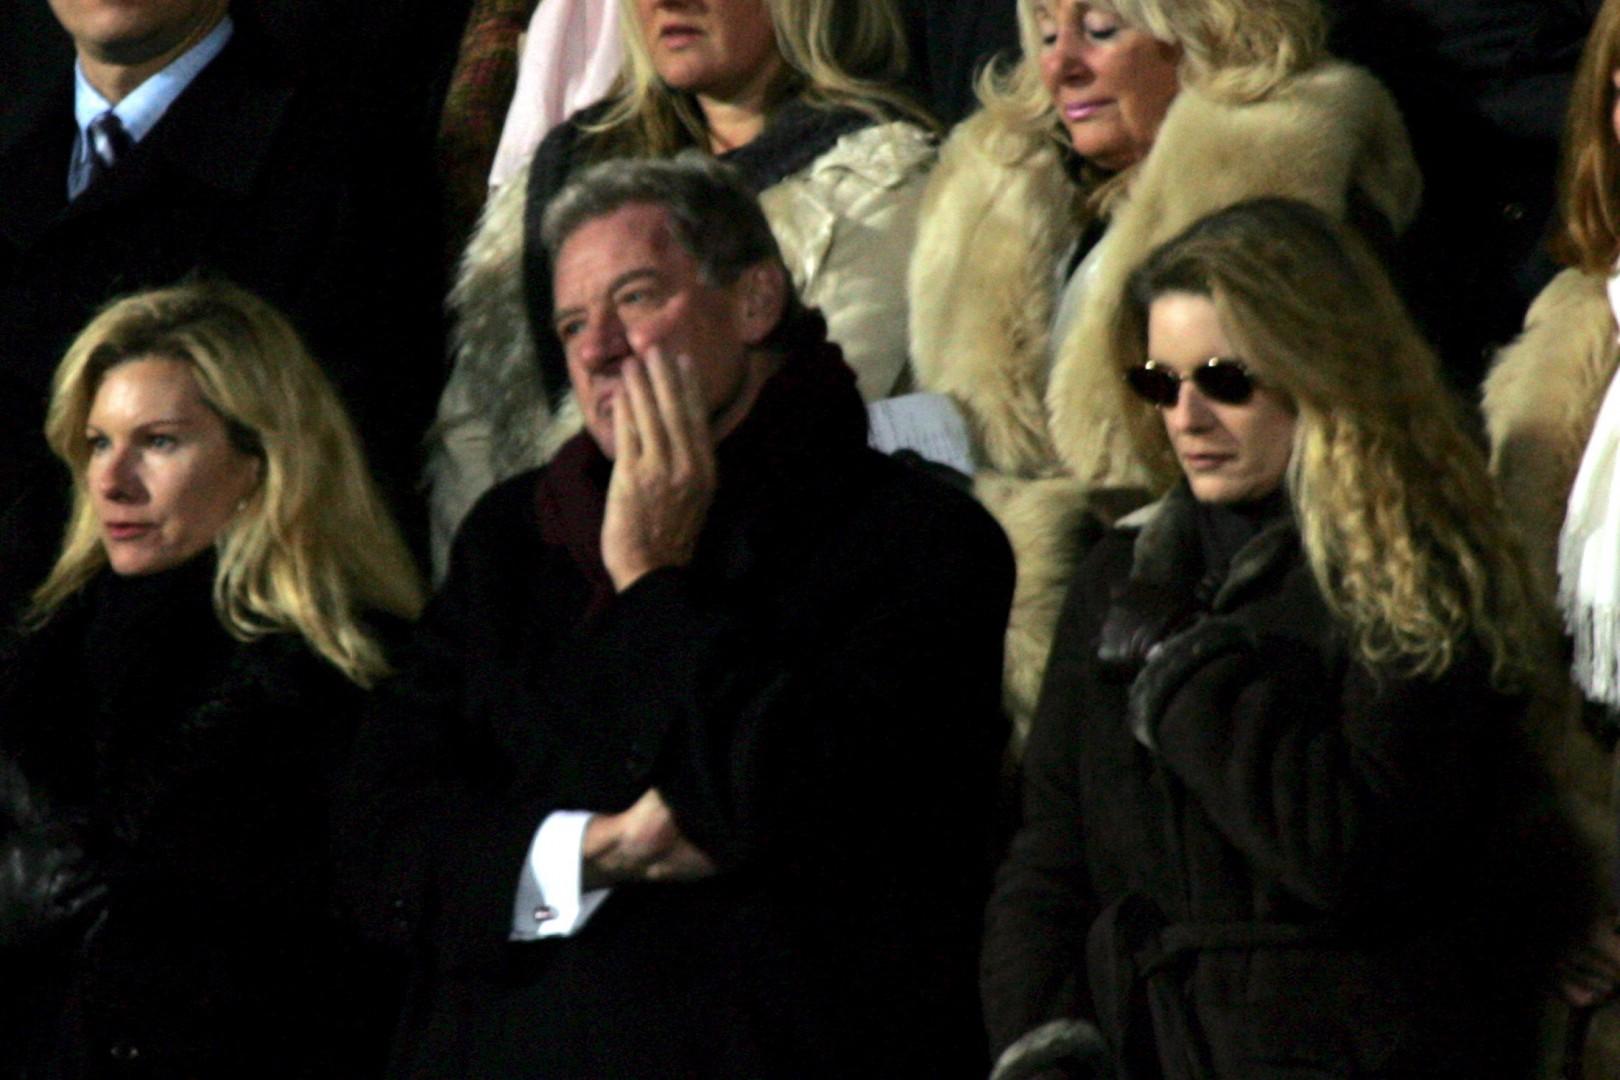 Milan Mandarić med minuto molk v spomin na Georga Besta, ki je bil njegov veliki prijatelj (foto: epa).